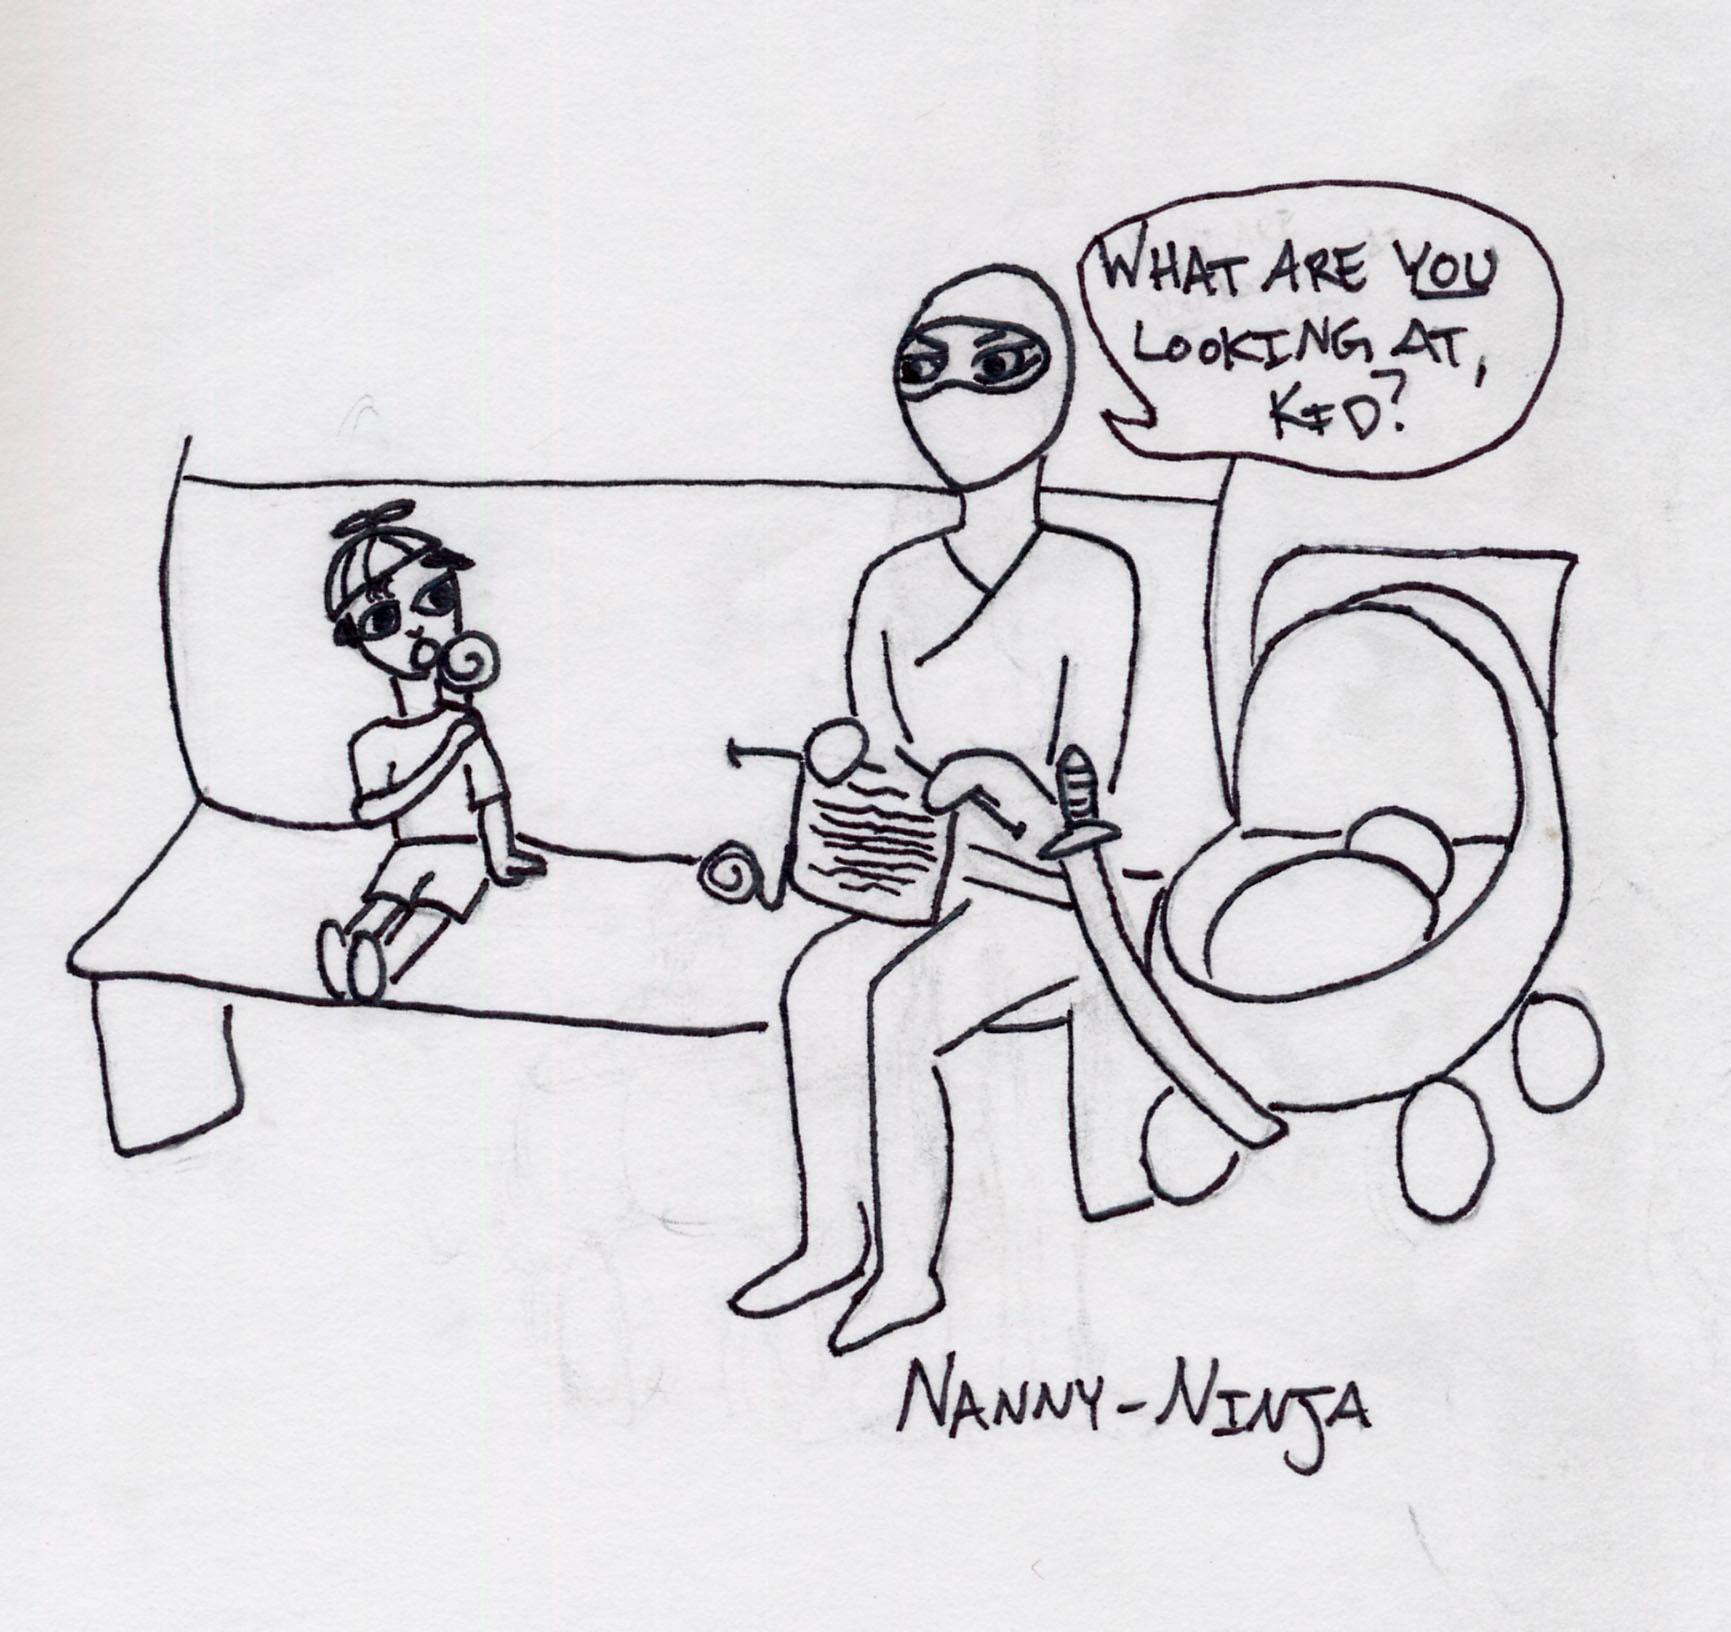 Nanny Ninja by LilithNightwalker